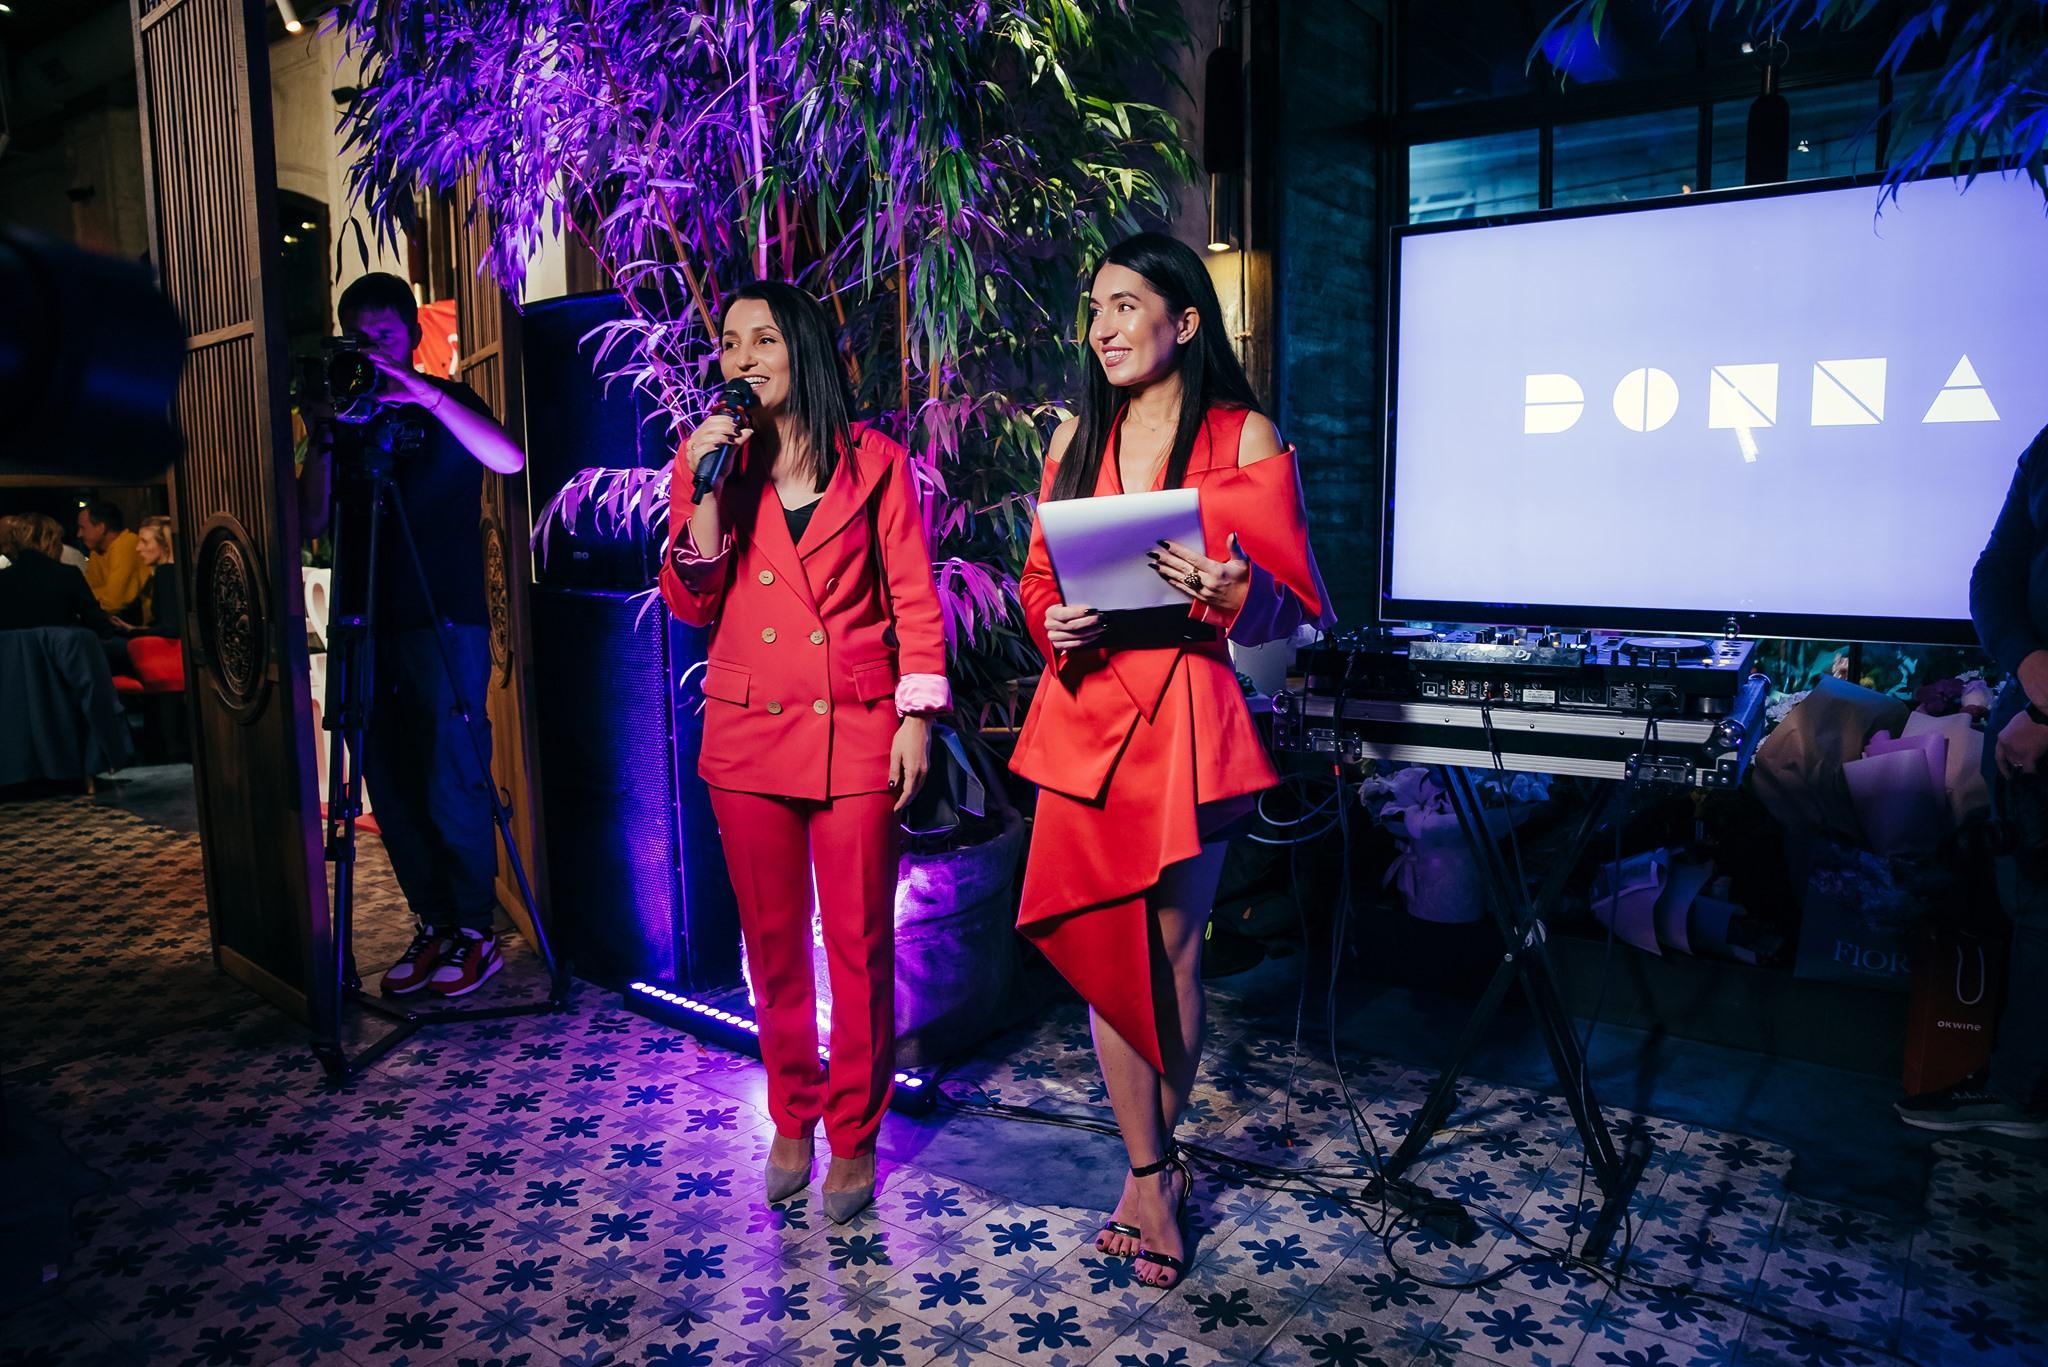 На фото: соосновательница фабрики DONNA - Наталья Донченко и ведущая Design Tour - Анастасия Ковалева